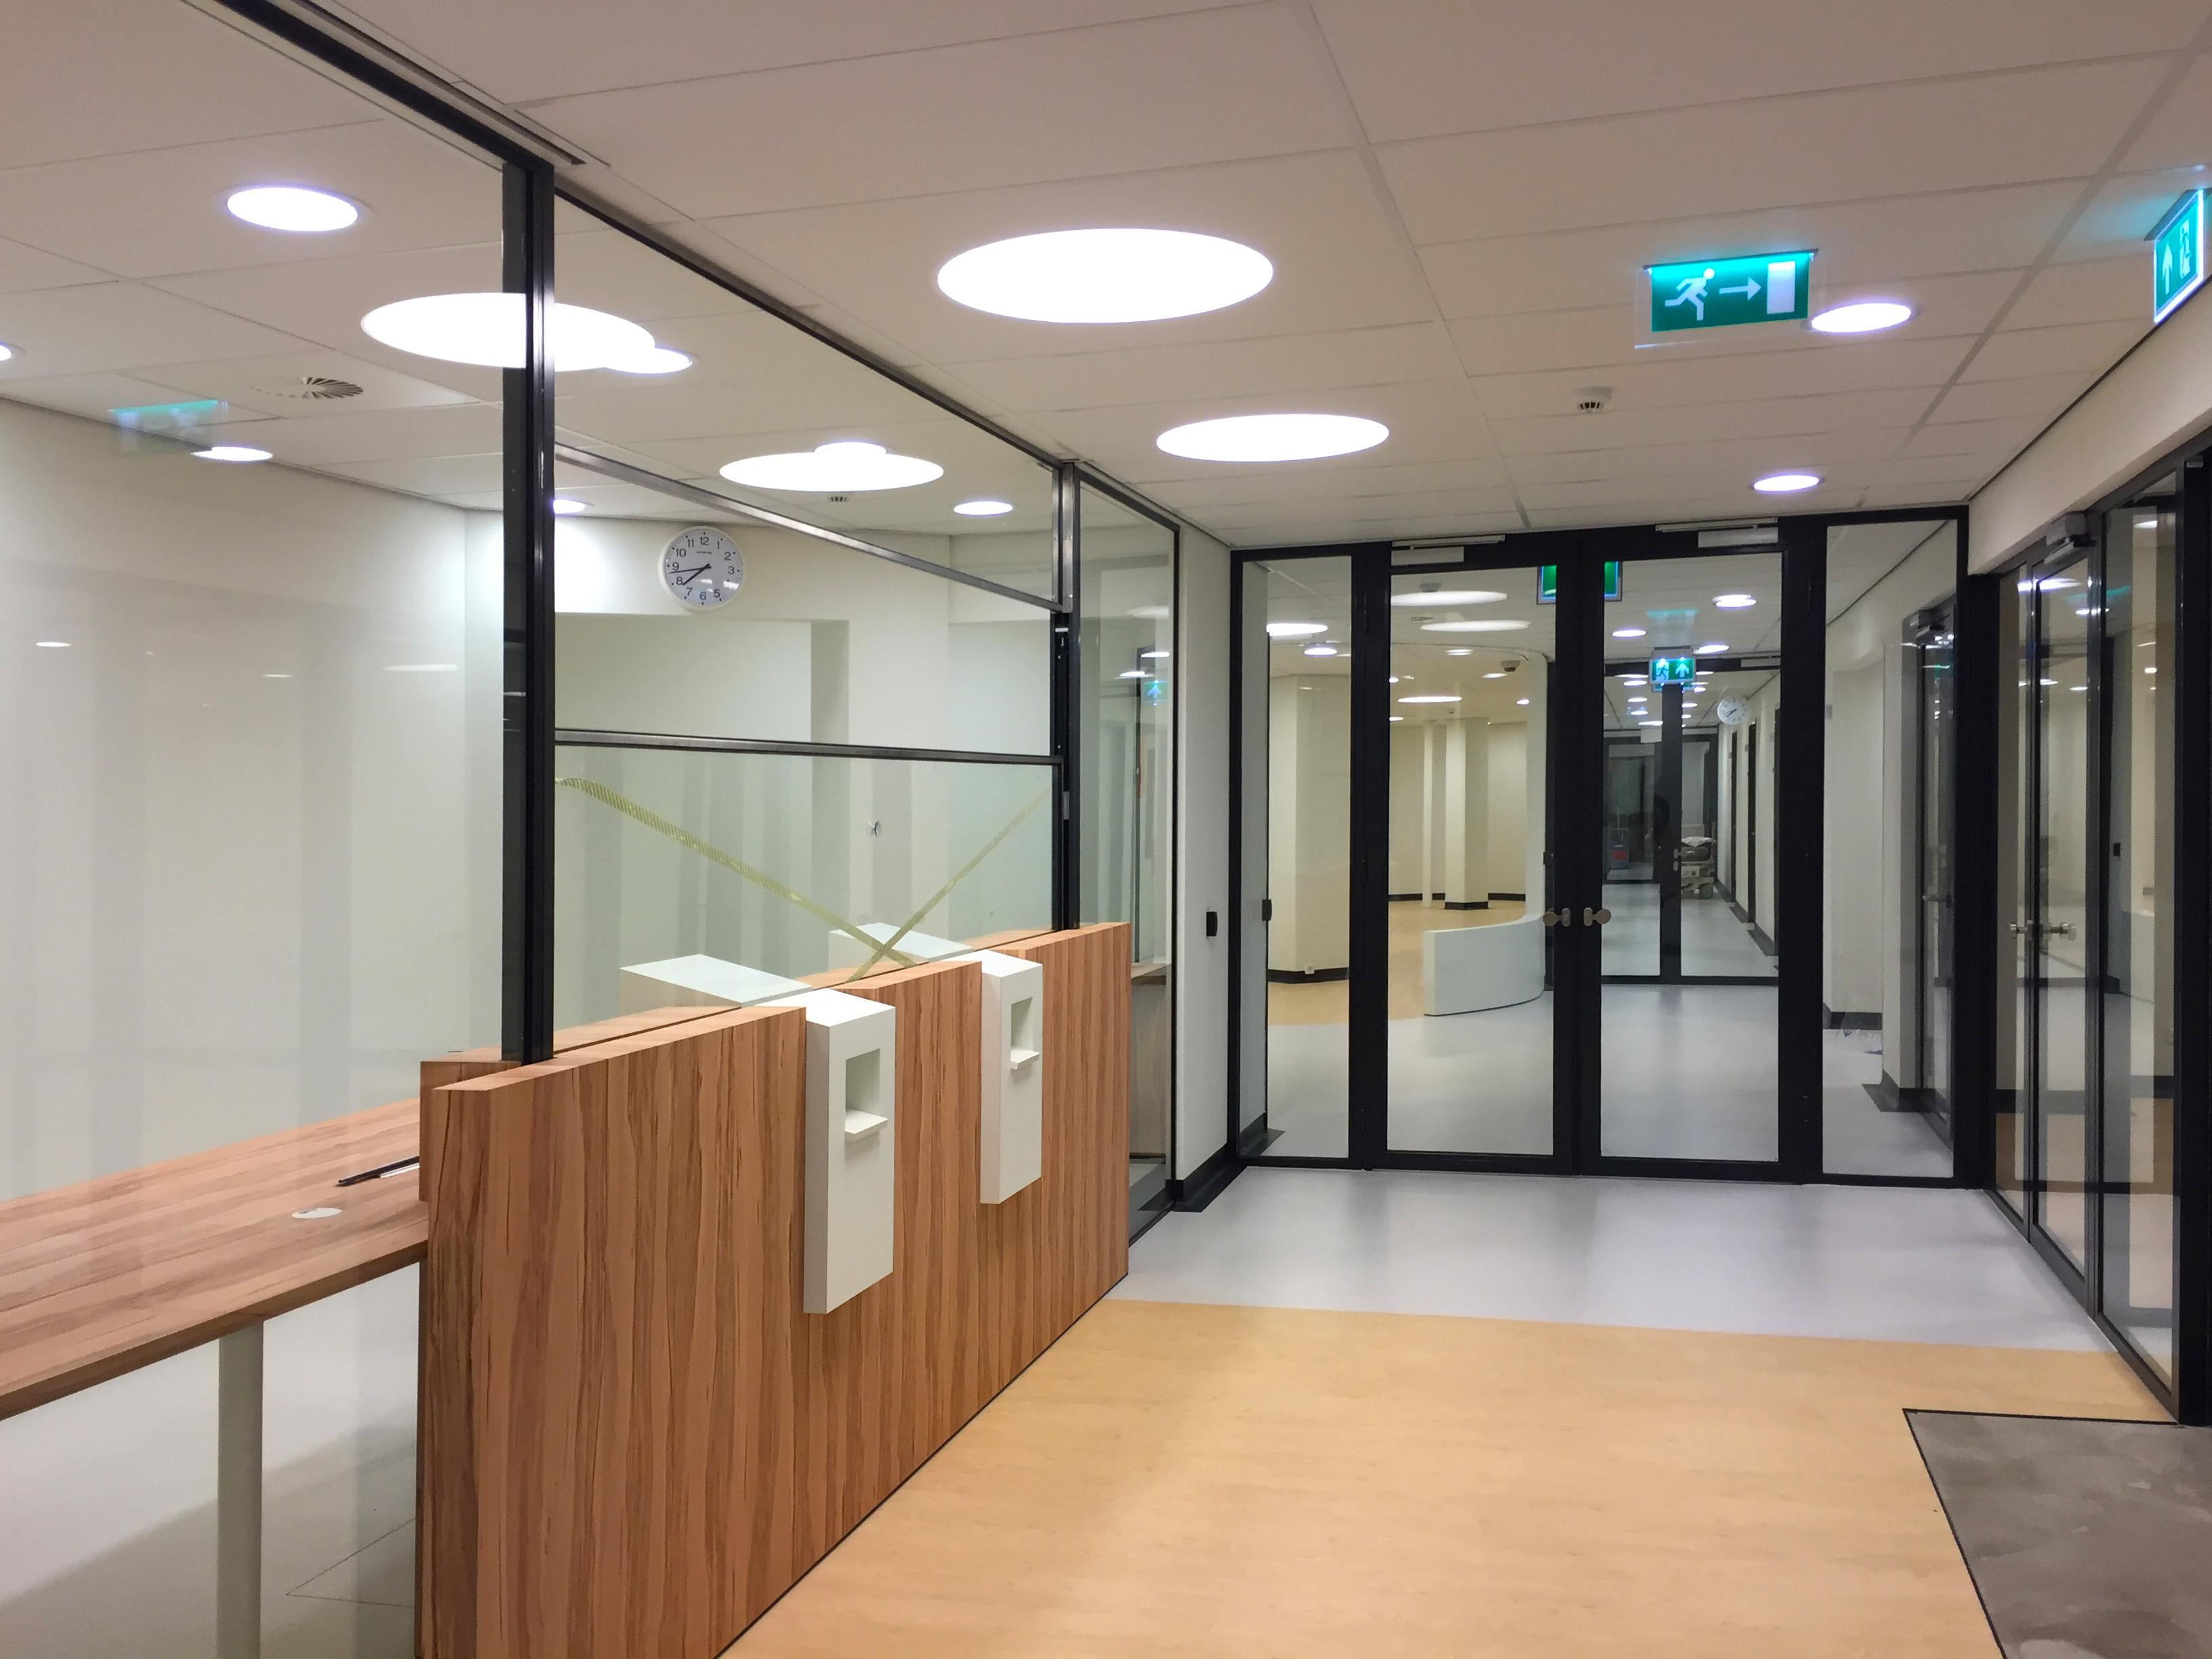 Verlichting Badkamer Plafond : De jong systeemplafonds wanden en verlichting